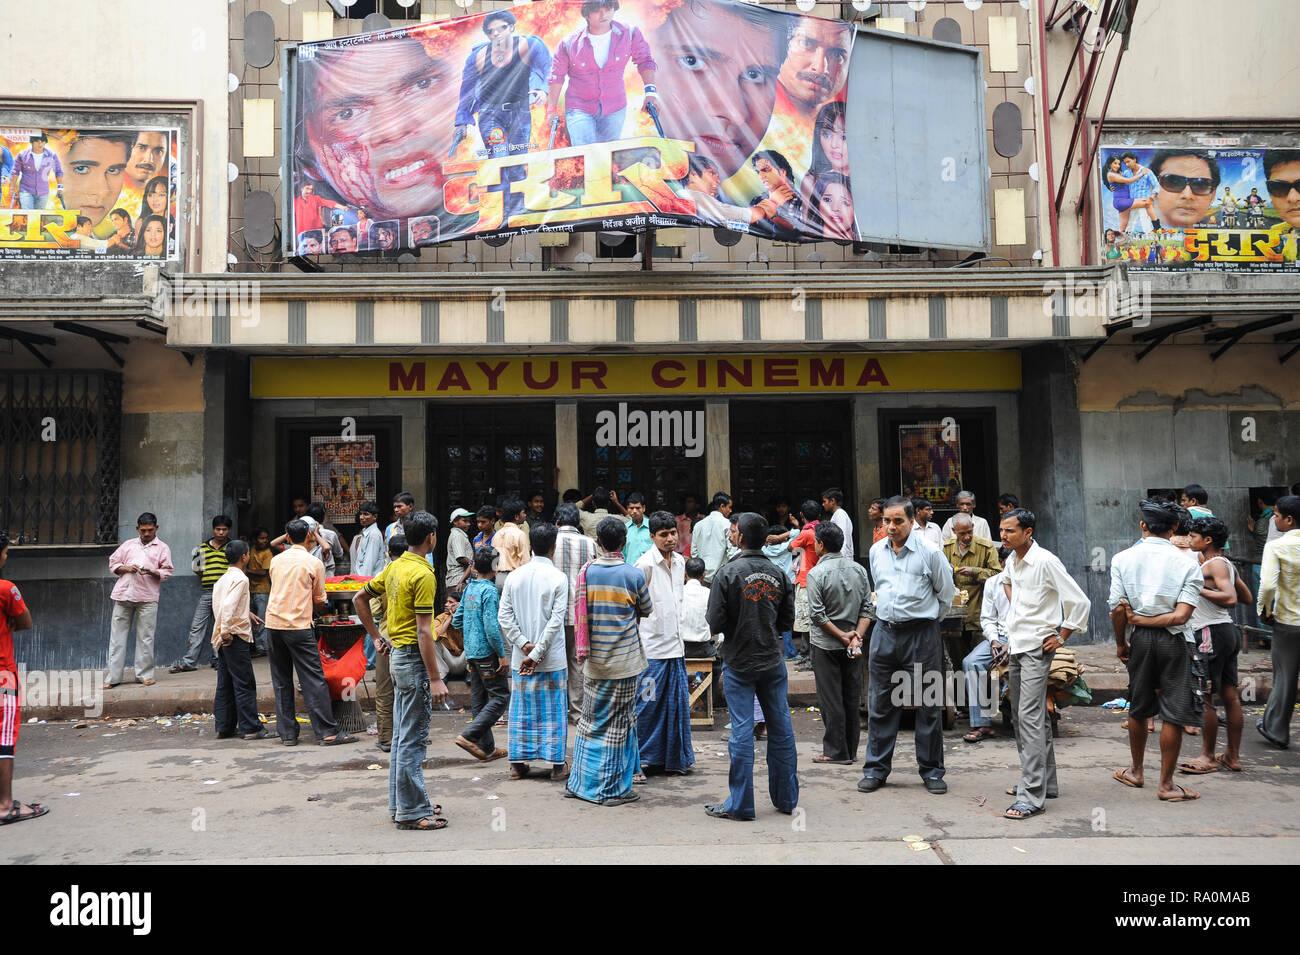 20.02.2011, Kolkata, Westbengalen, Indien, Asien - eine grosse Gruppe von Indern wartet vor dem Eingang des Kinos auf den Beginn. 0 SL 110220 D008 CARO Stockbild